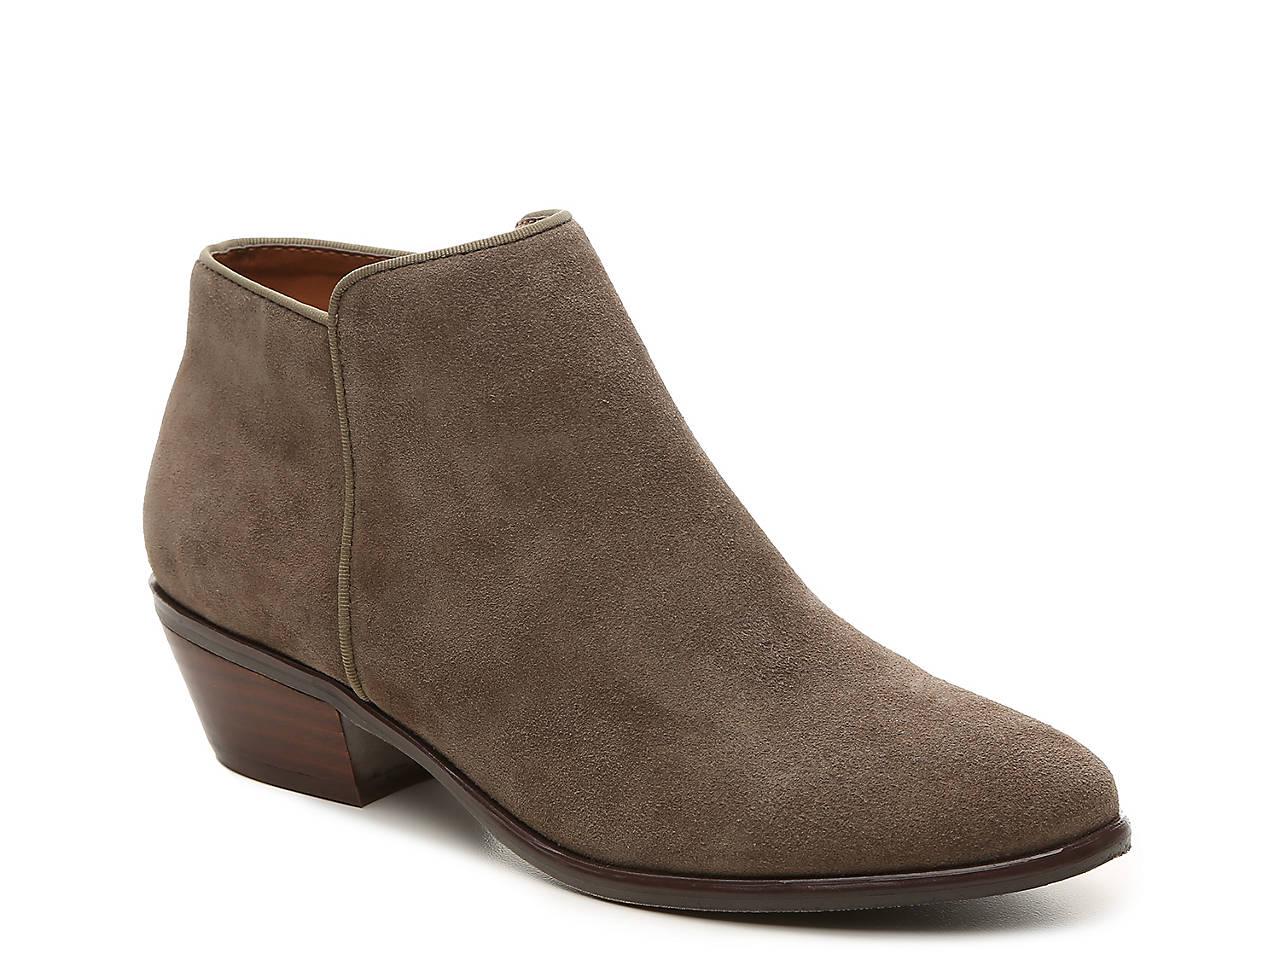 35a3c8c0810 Crown Vintage Tabitha Bootie Women s Shoes